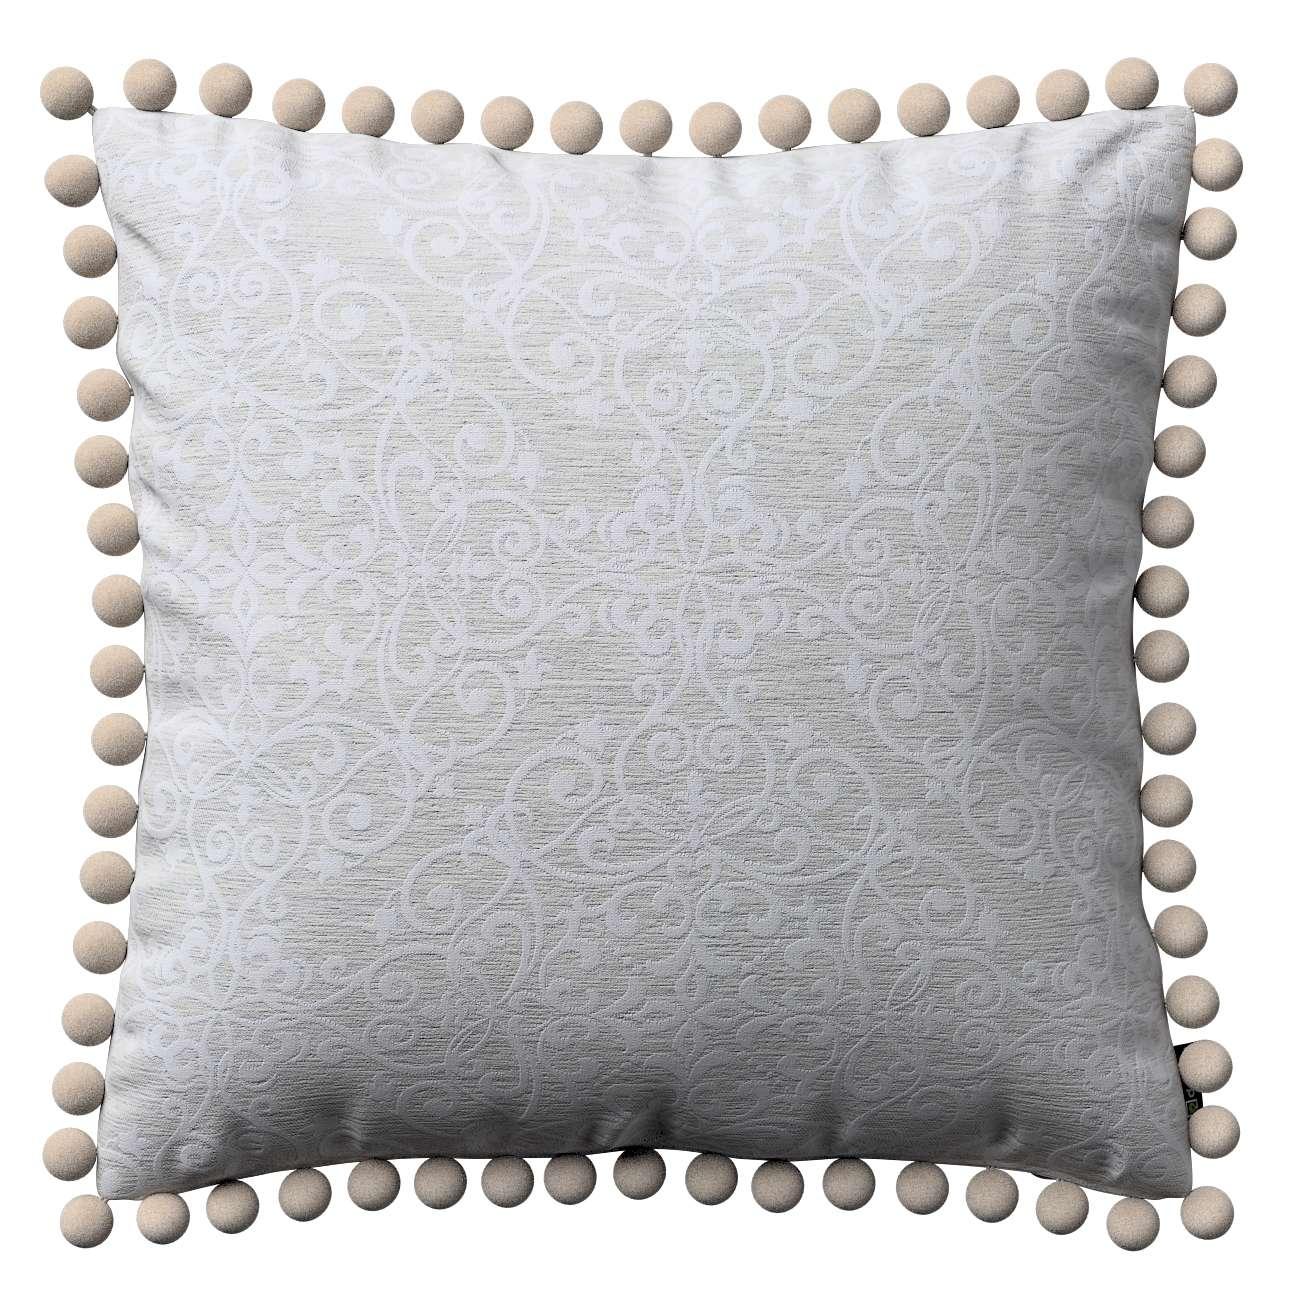 Poszewka Wera na poduszkę w kolekcji Venice, tkanina: 140-49